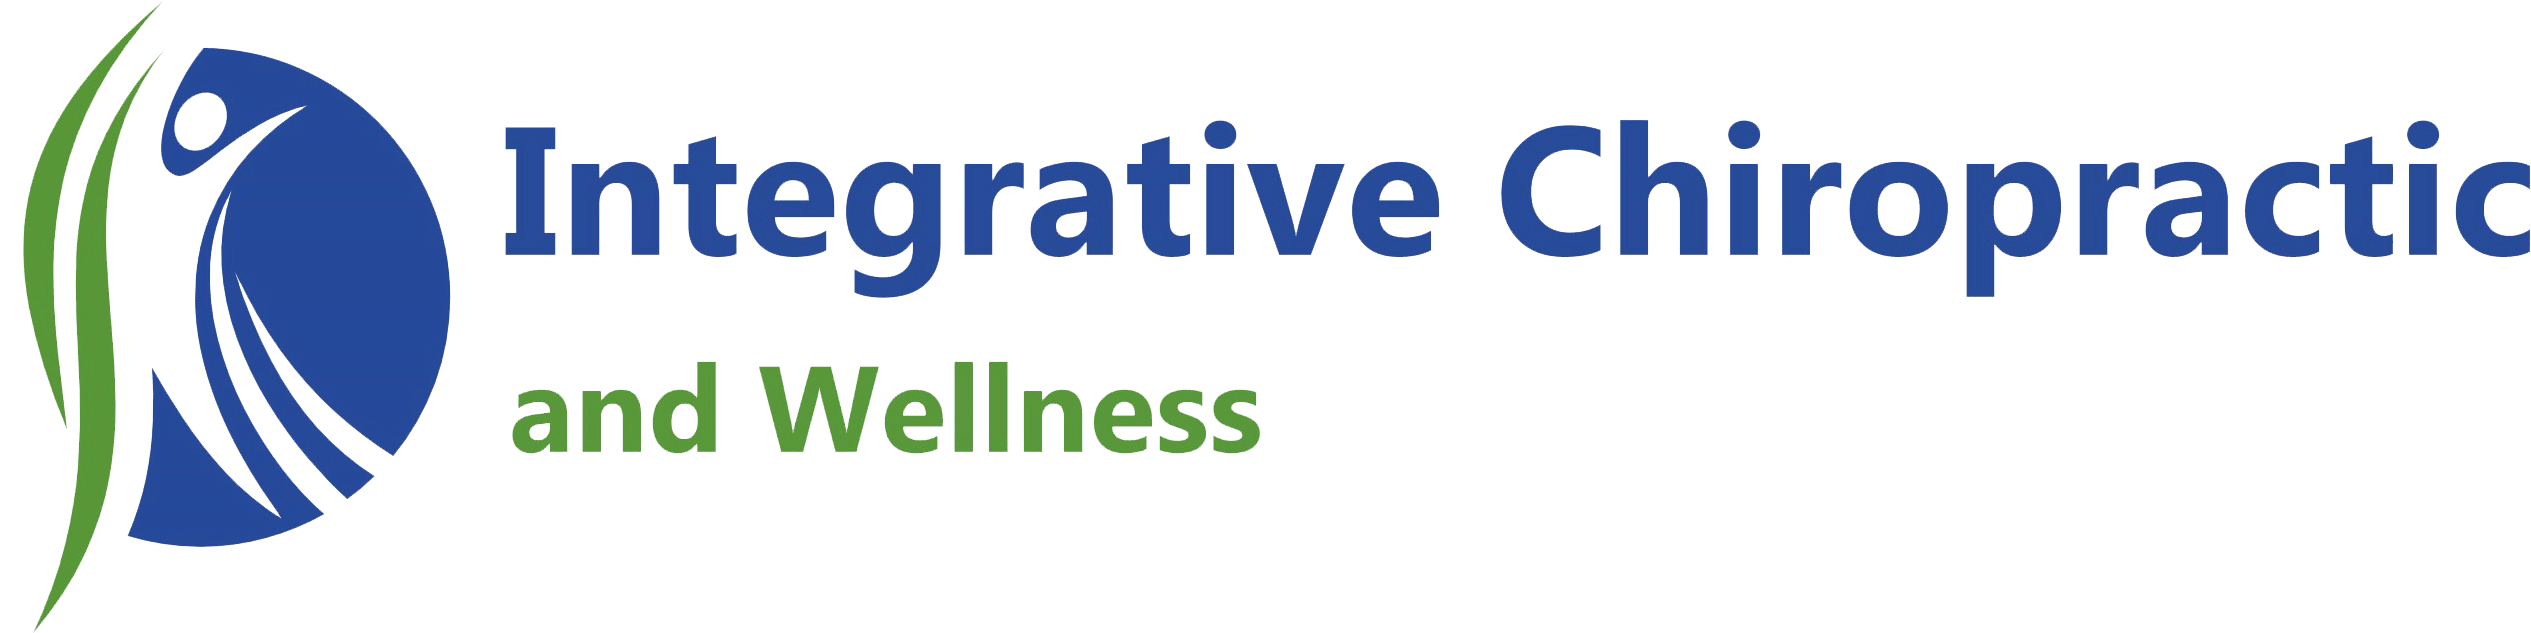 Chiropractor In Hartland Prenatal Massage In Hartland